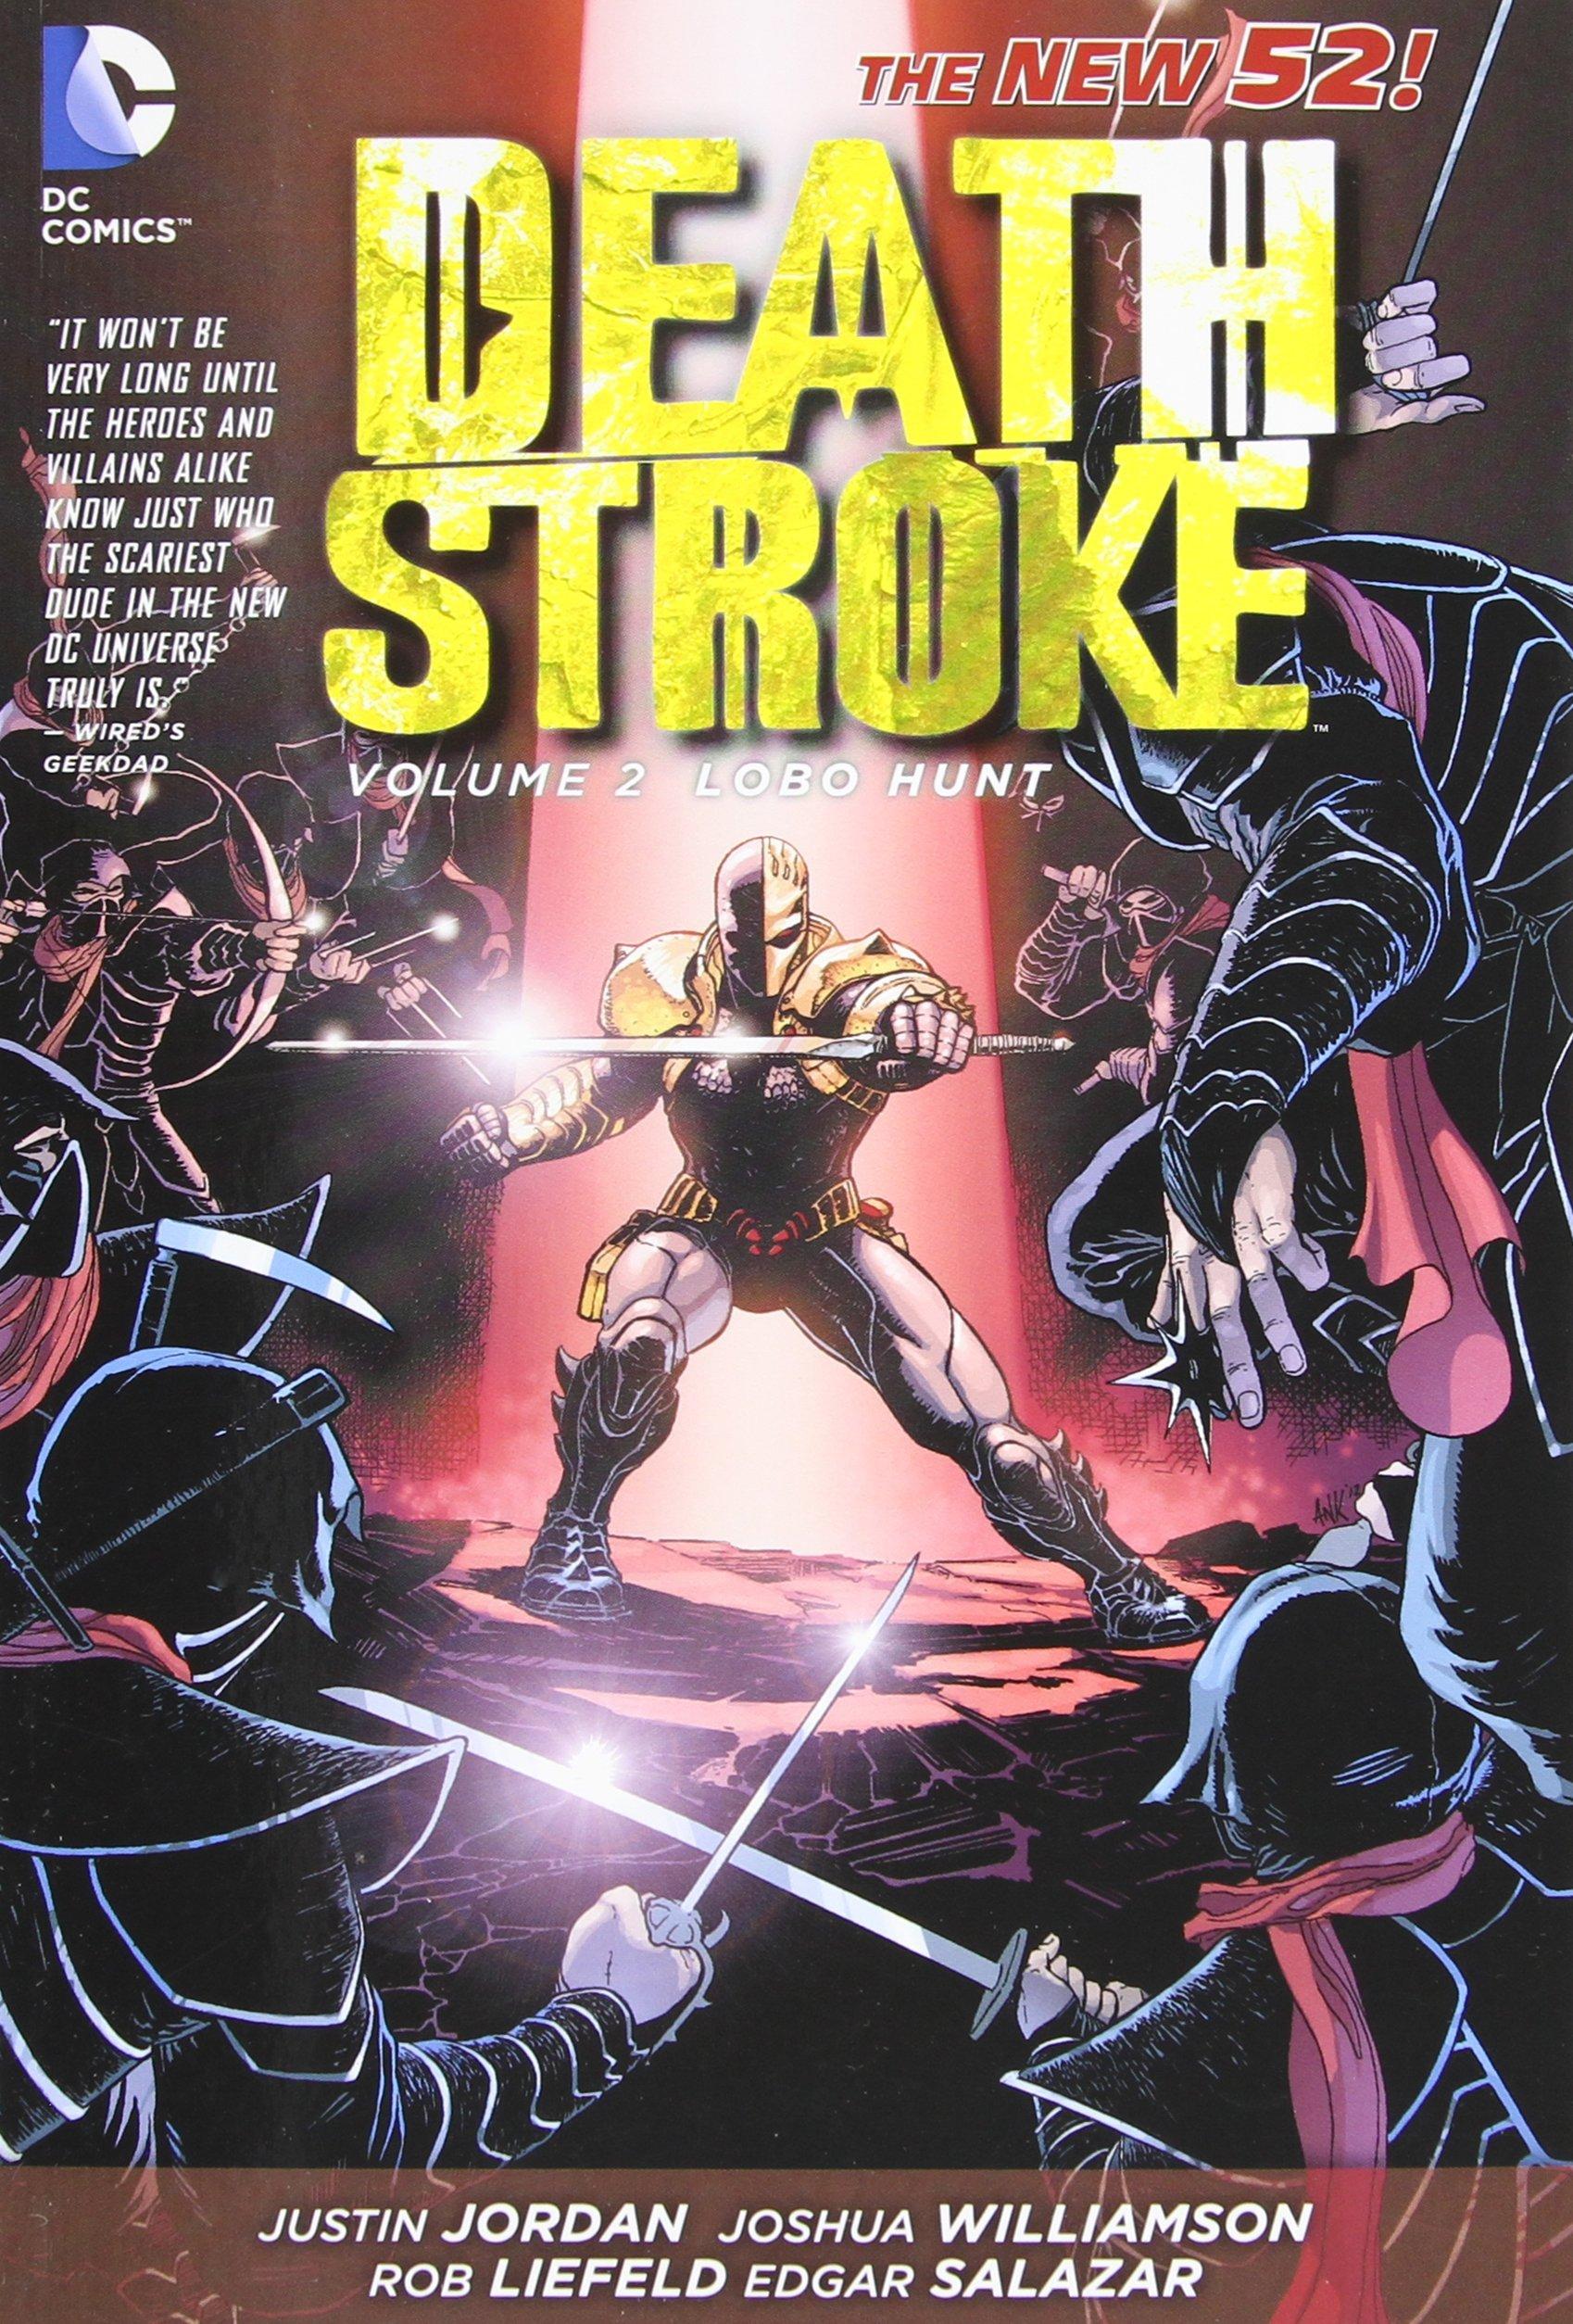 Deathstroke: Volume 2: Lobo Hunt TP - Used